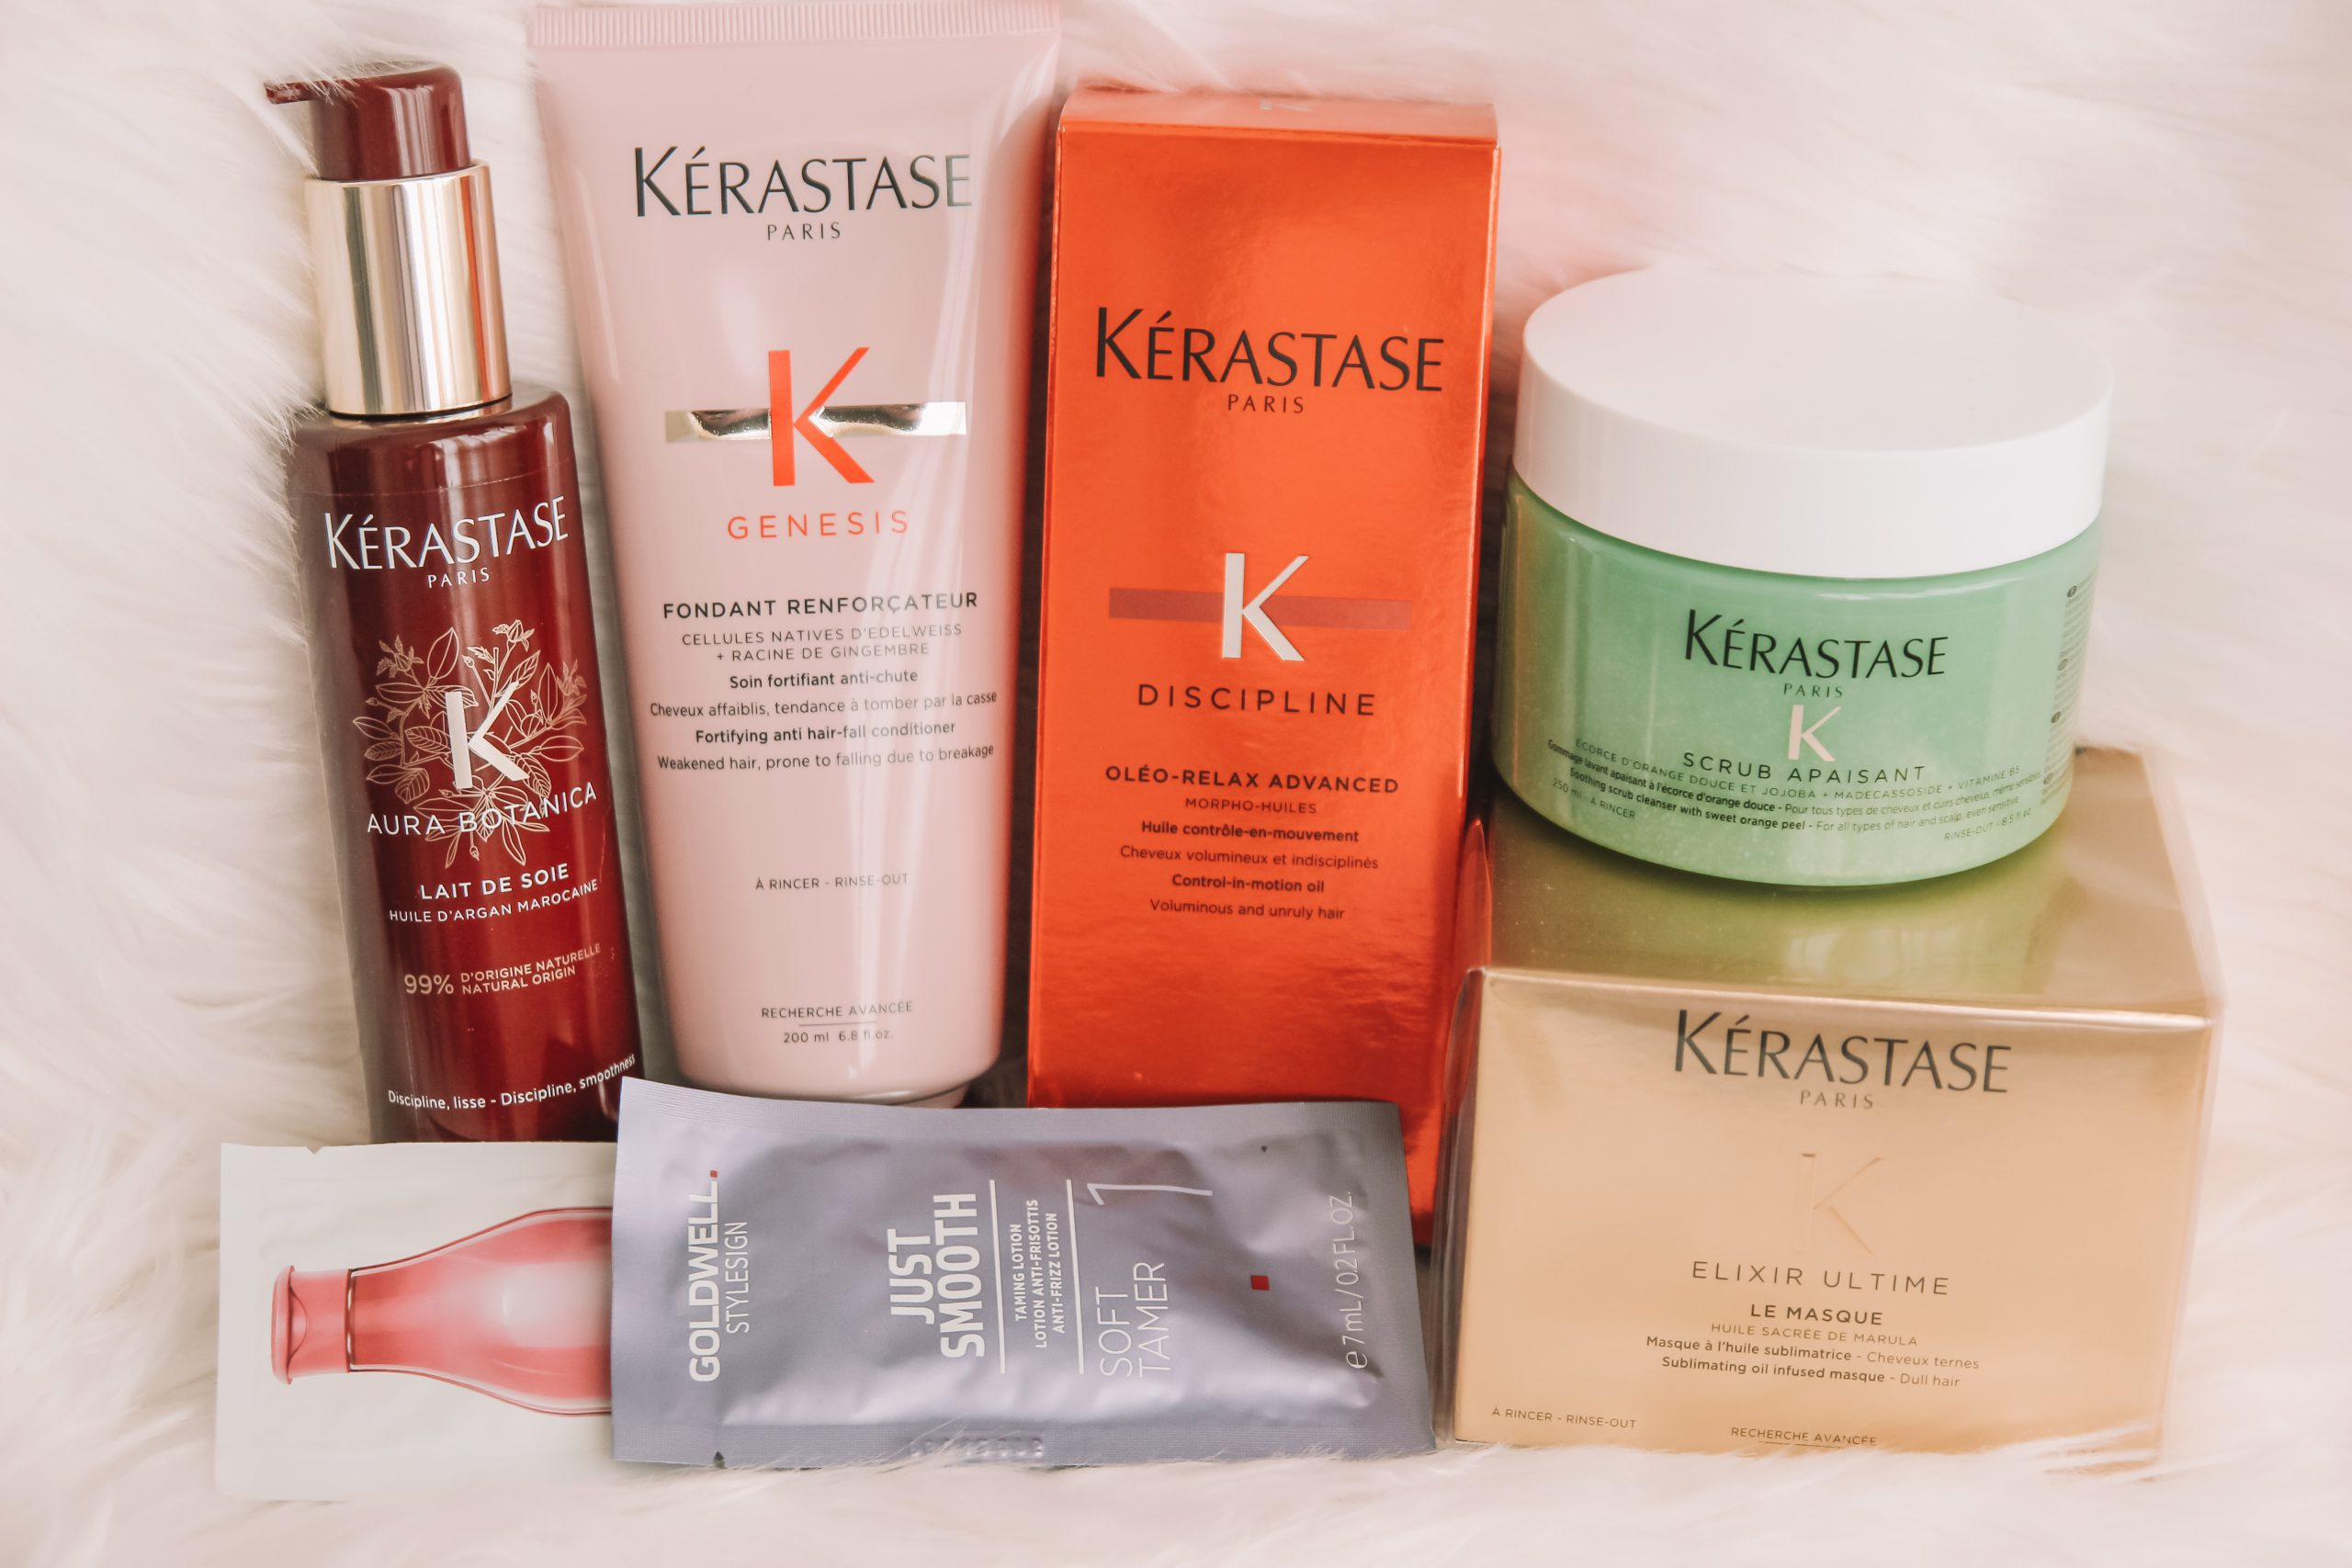 Win een luxe Kérastase haarverzorging pakket (Instagram)